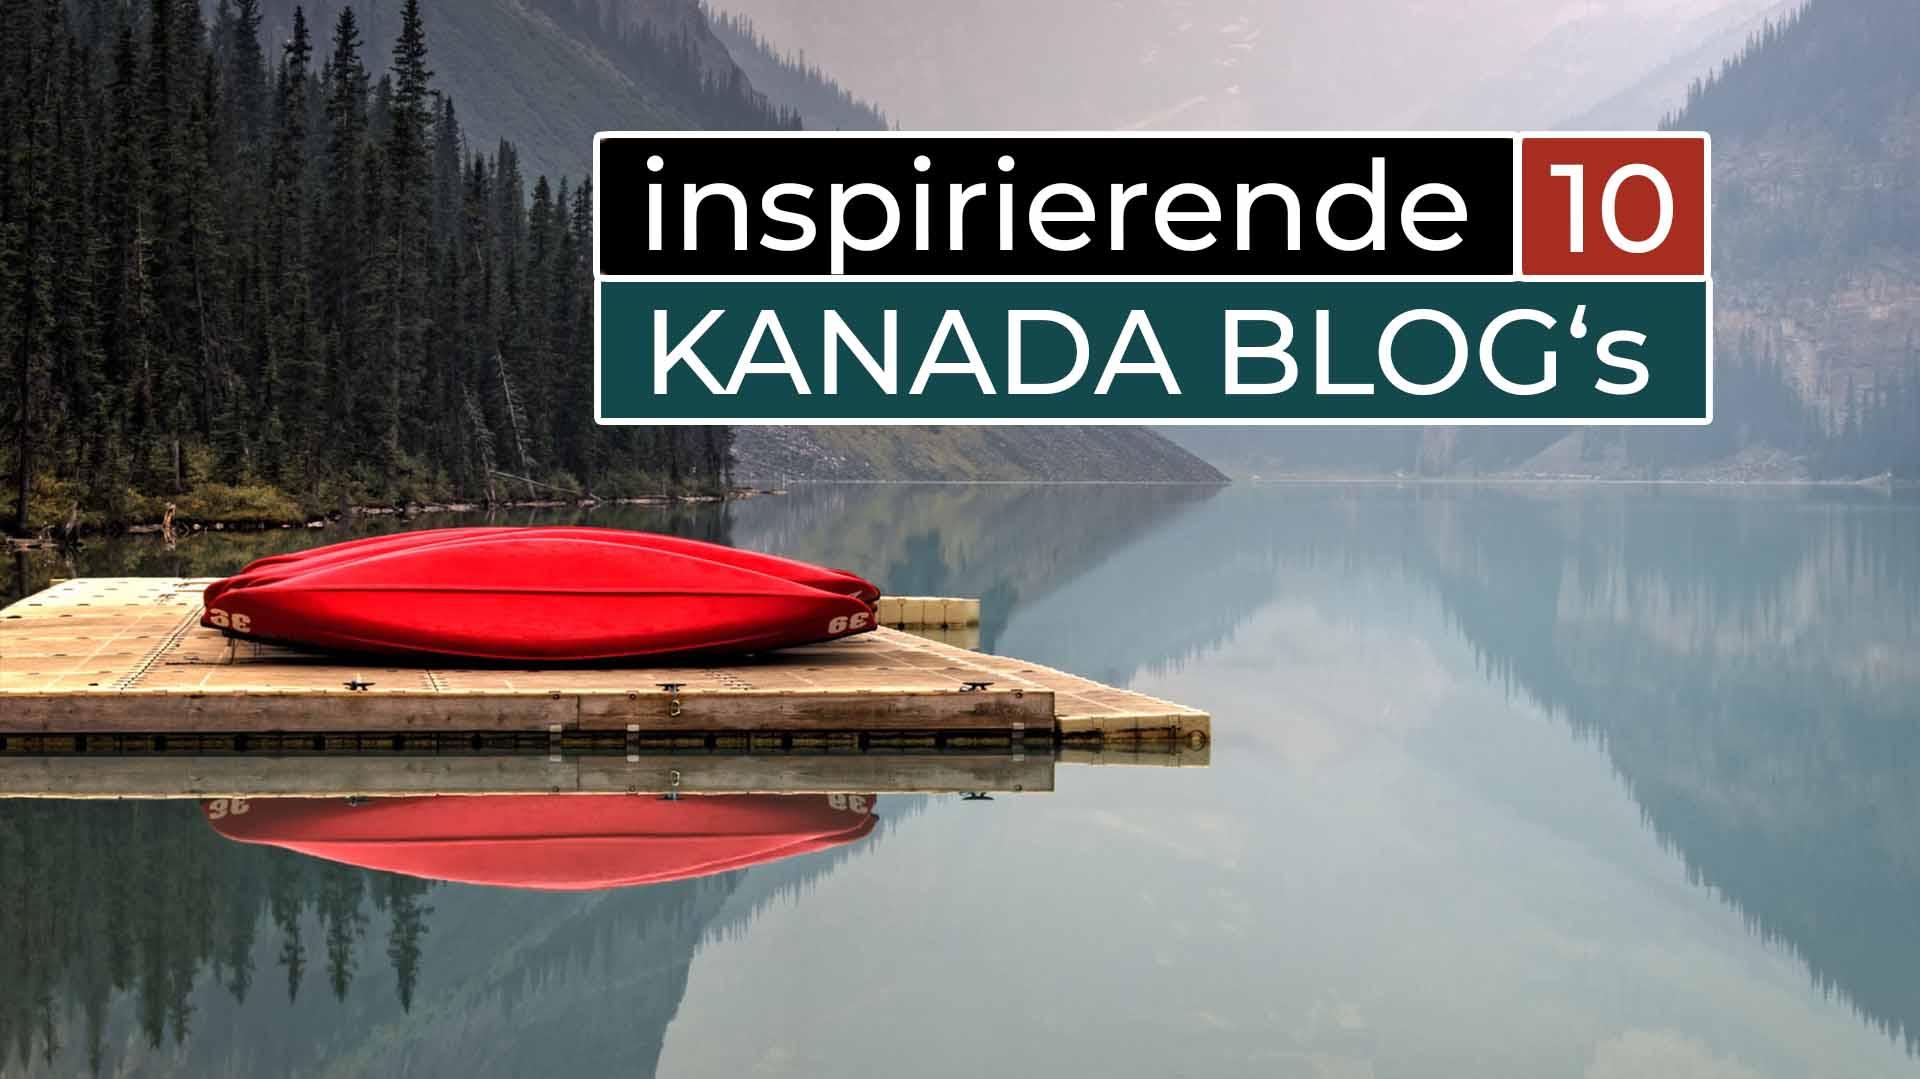 10 inspirierende deutsche Kanada Blog - Cover